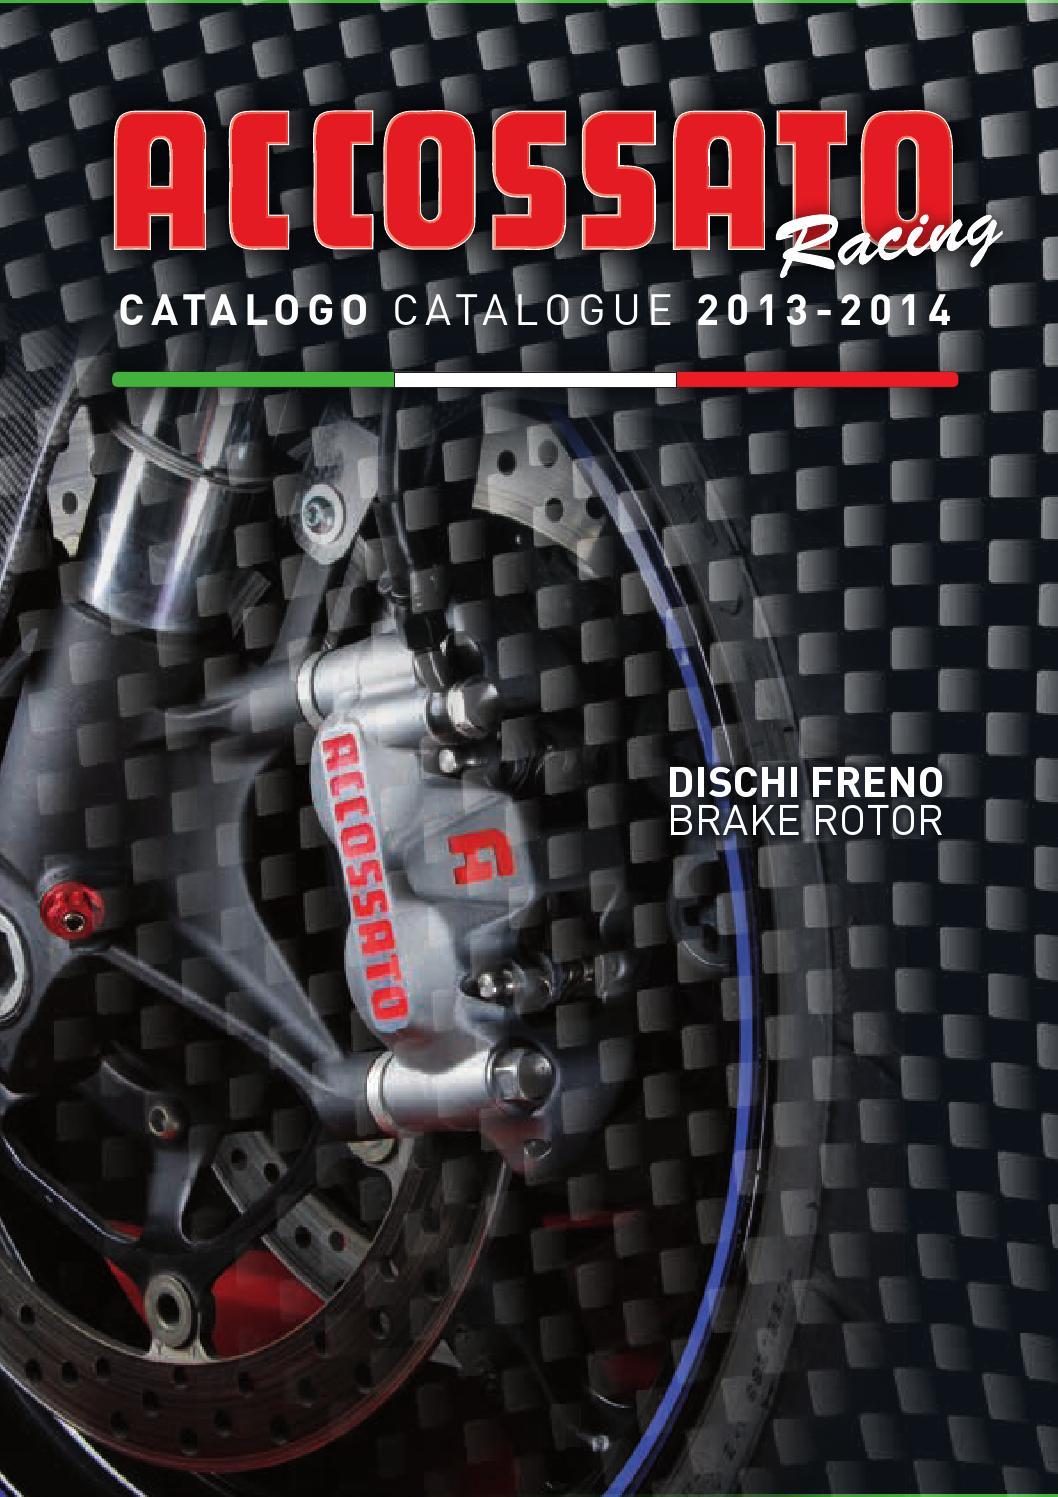 PIAGGIO CAVALLOTTO SUPPORTO SPECCHIO POMPA FRENO BREMBO BEVERLY TOURER 250 07-09